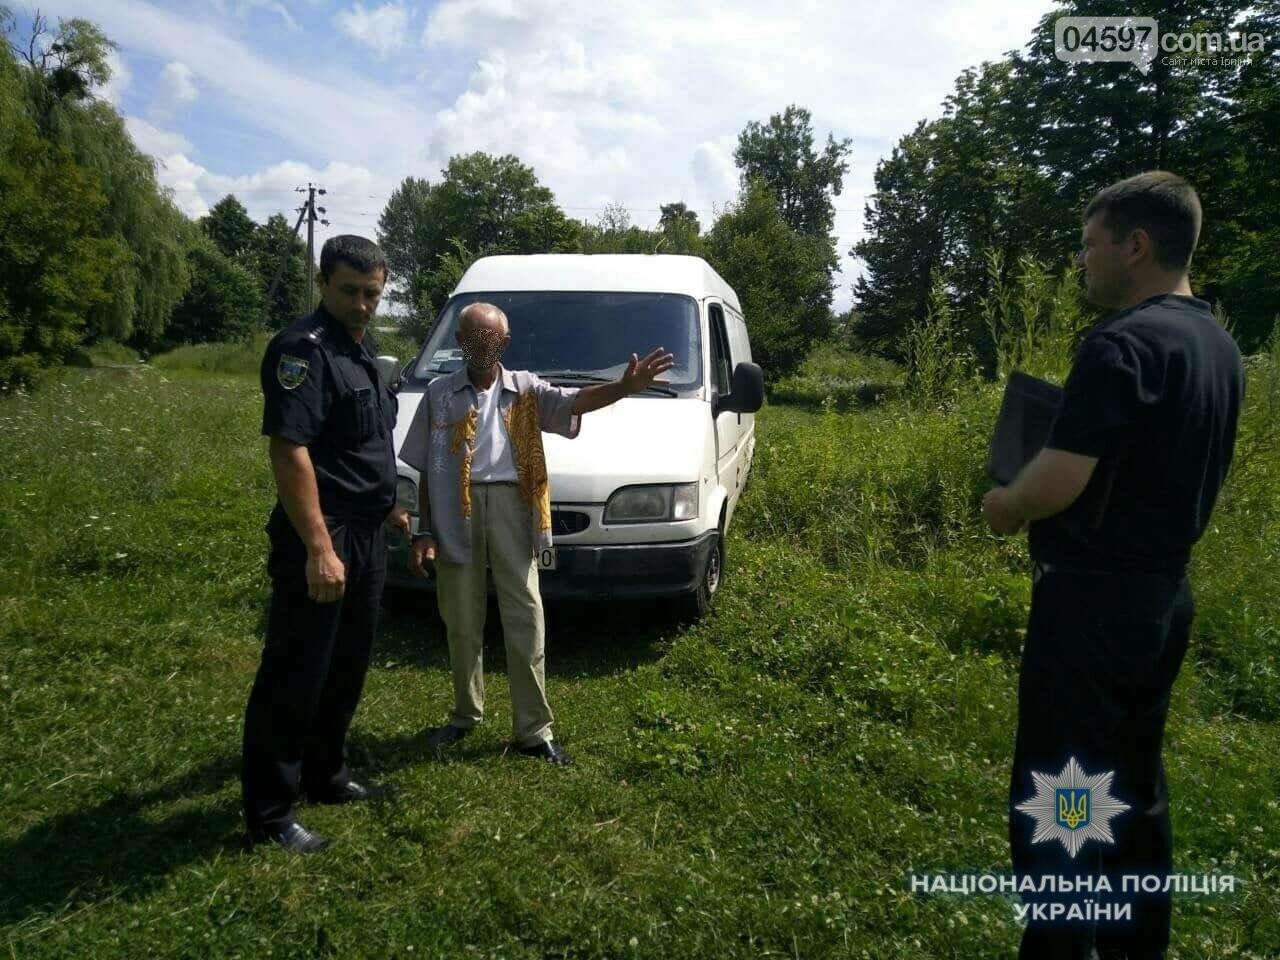 Поліцейські Київщини за «гарячим слідом» затримали автокрадія, фото-1